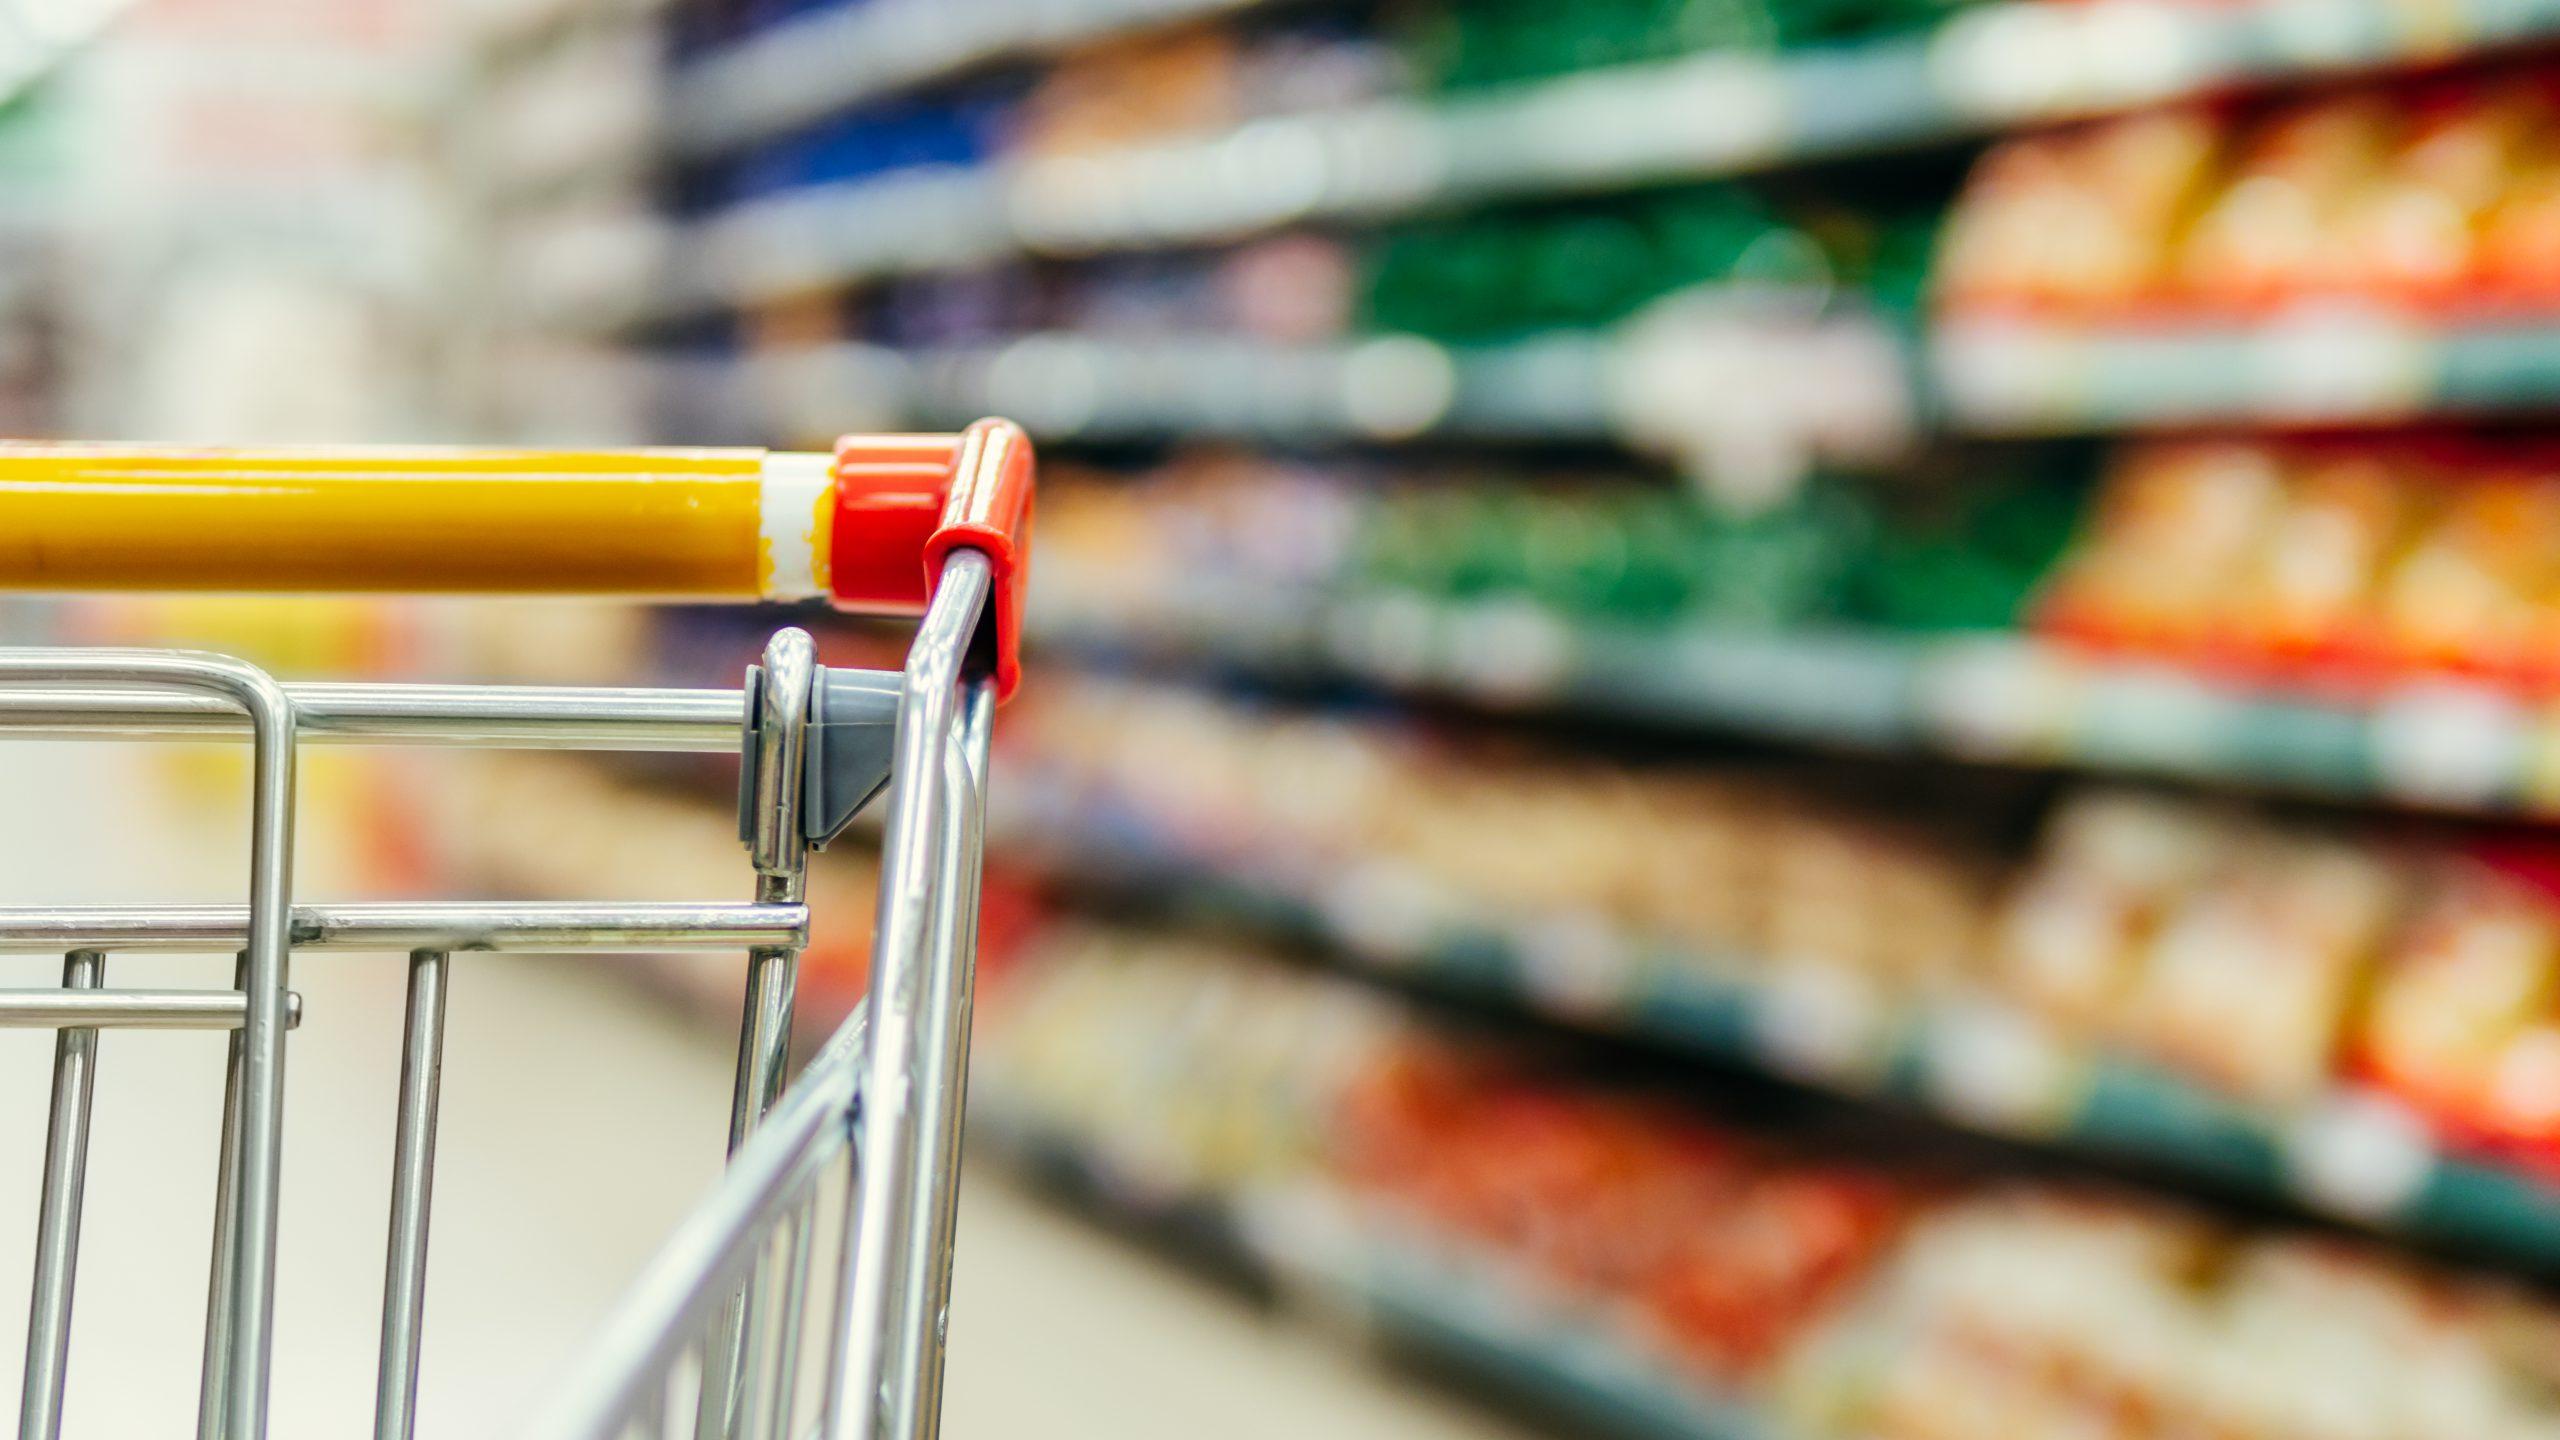 Prezydent podpisał nowelizację o jakości handlowej artykułów rolno-spożywczych